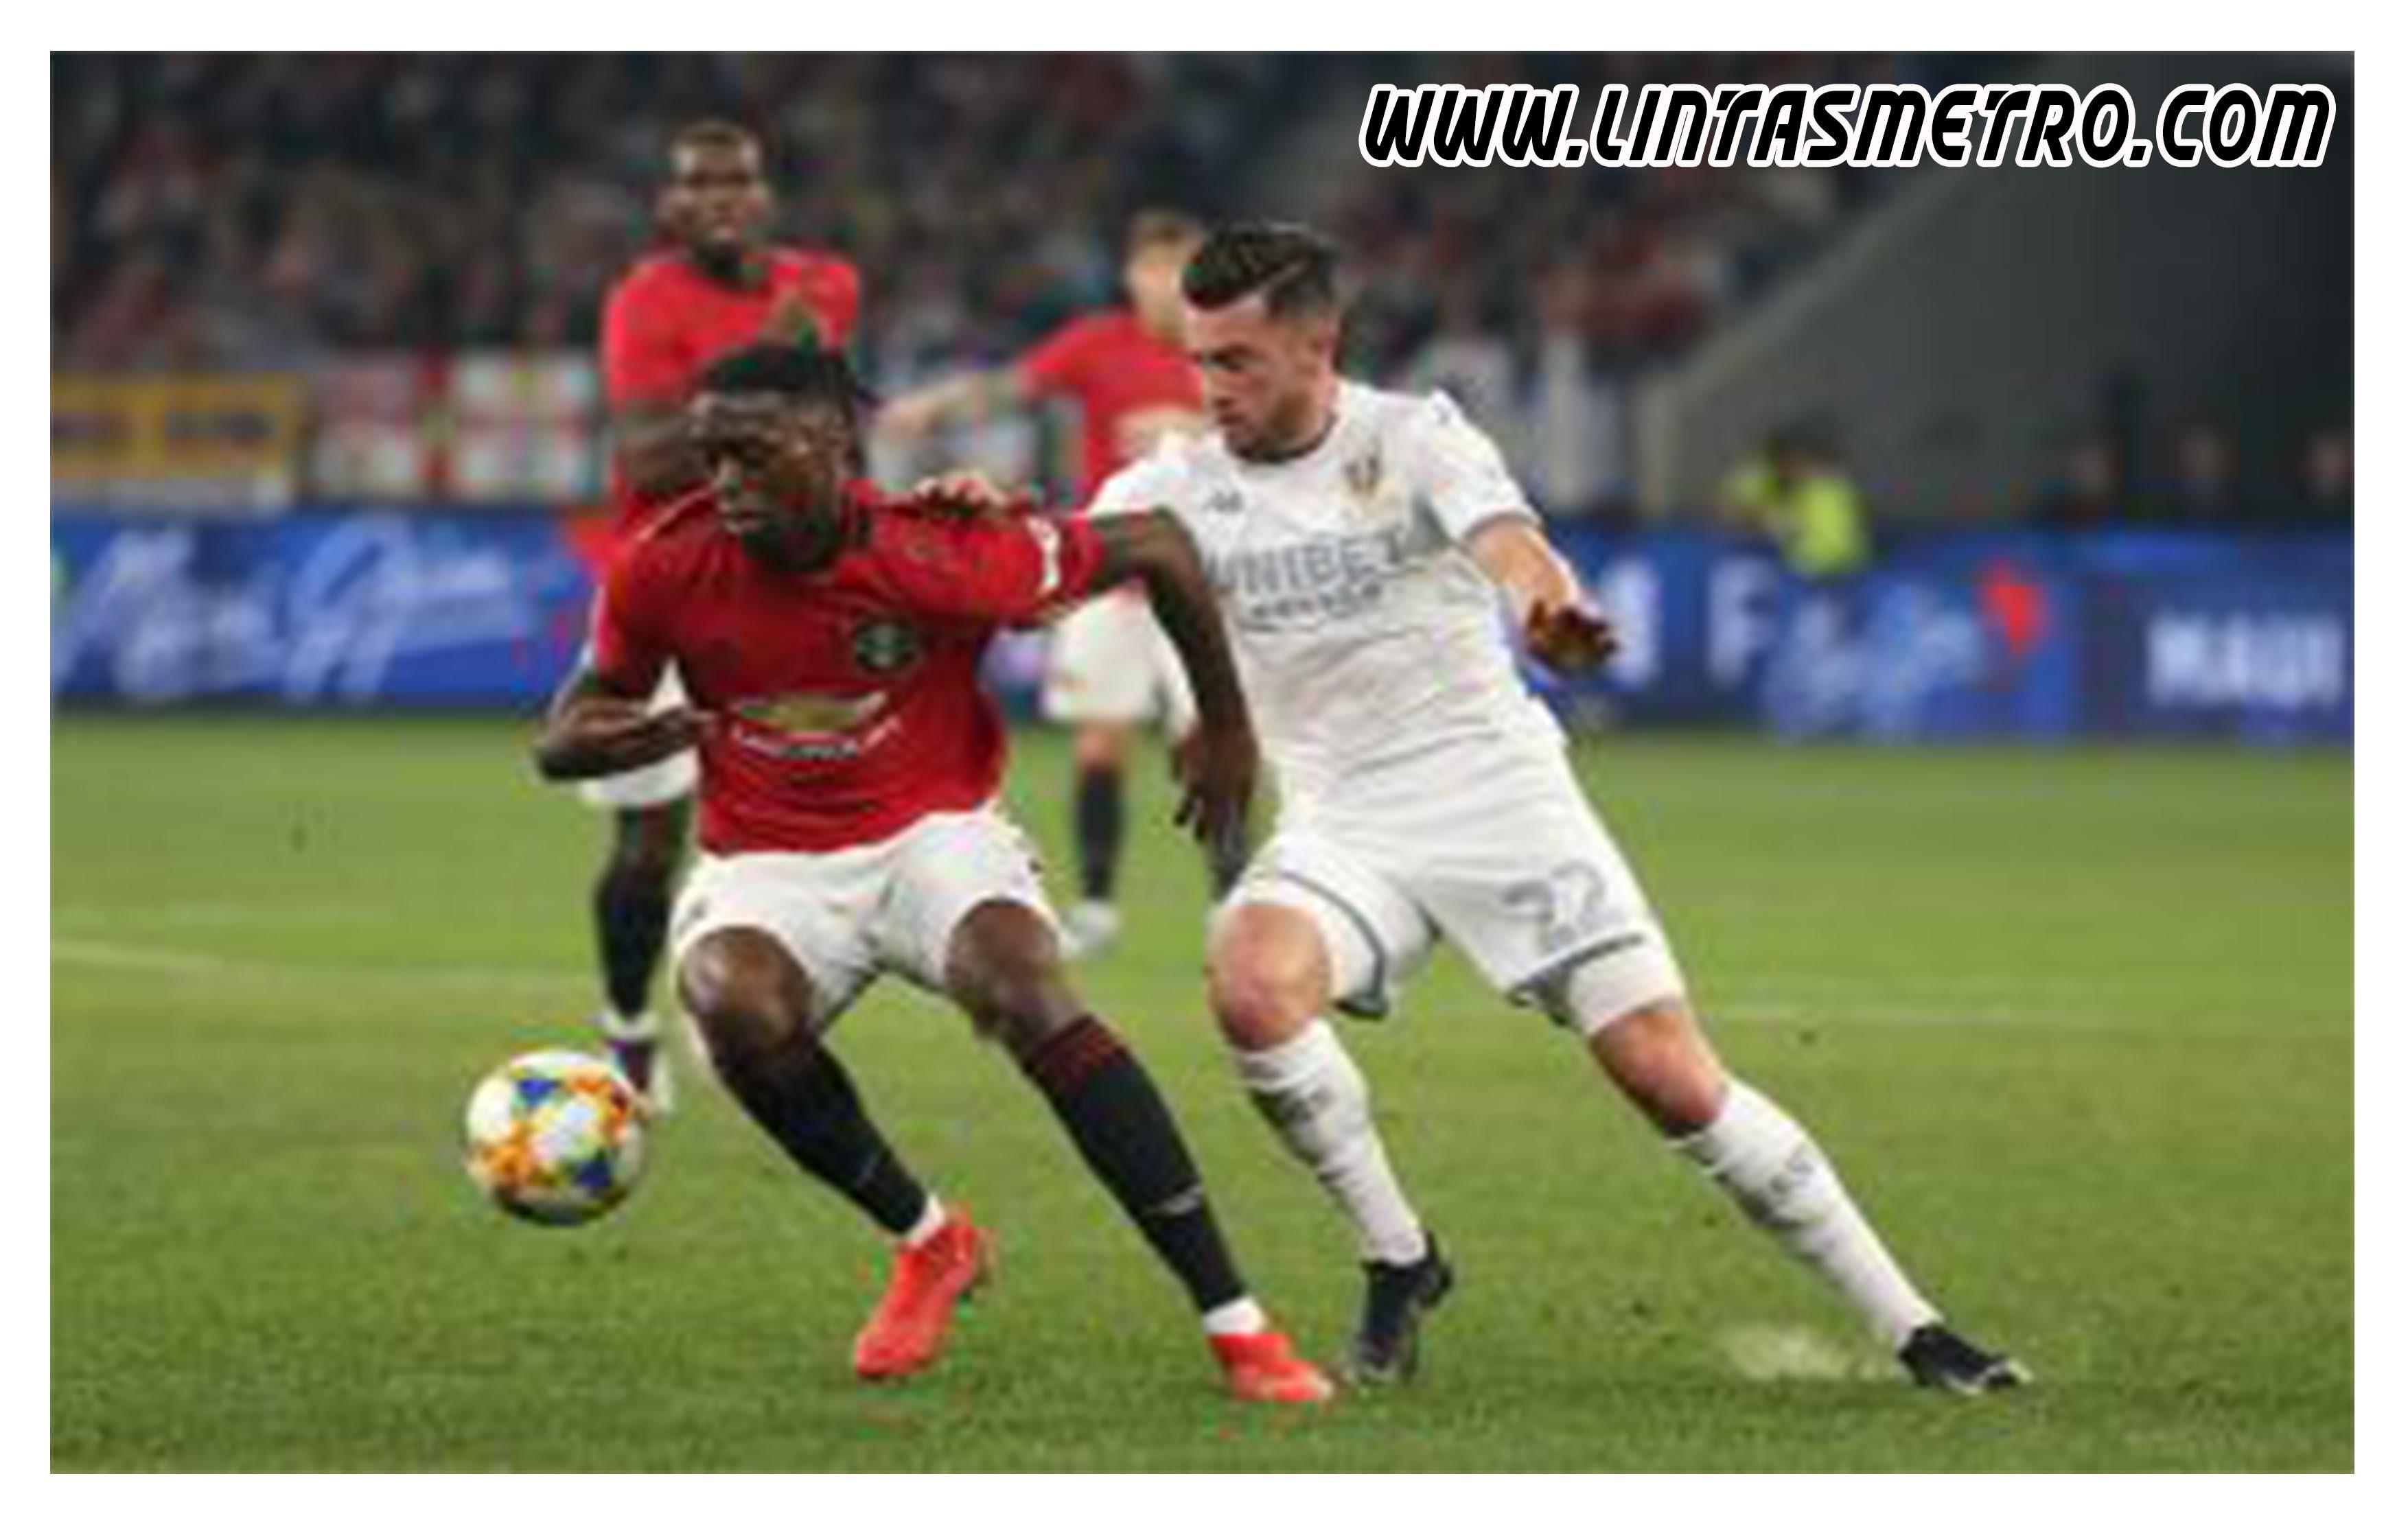 Manchester United vs Leeds United Prediksi Liga Inggris 2020/21